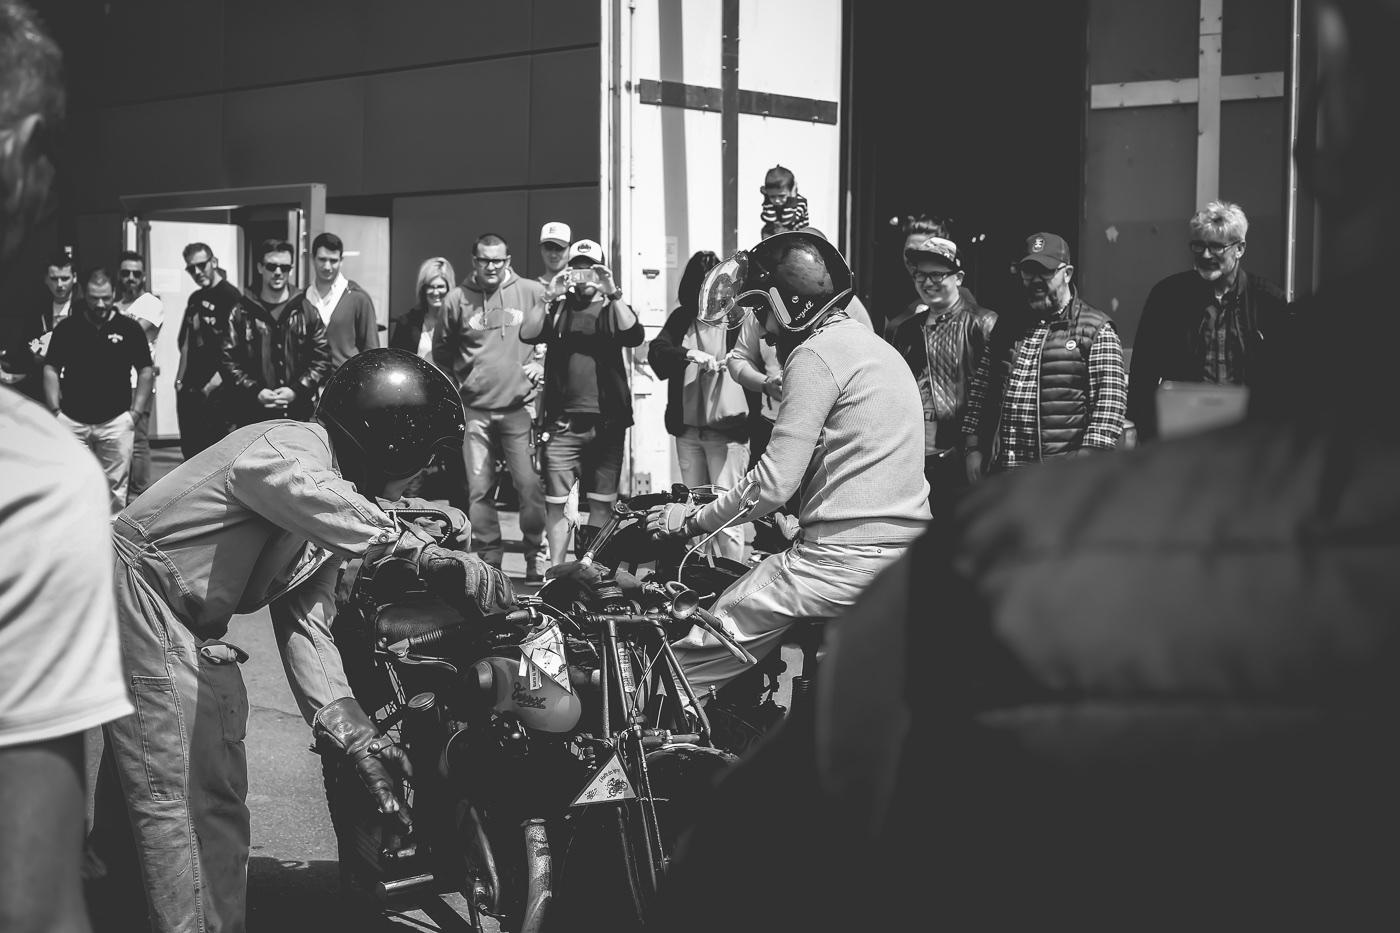 Vintage Motorcycles at Wheels Waves 2019